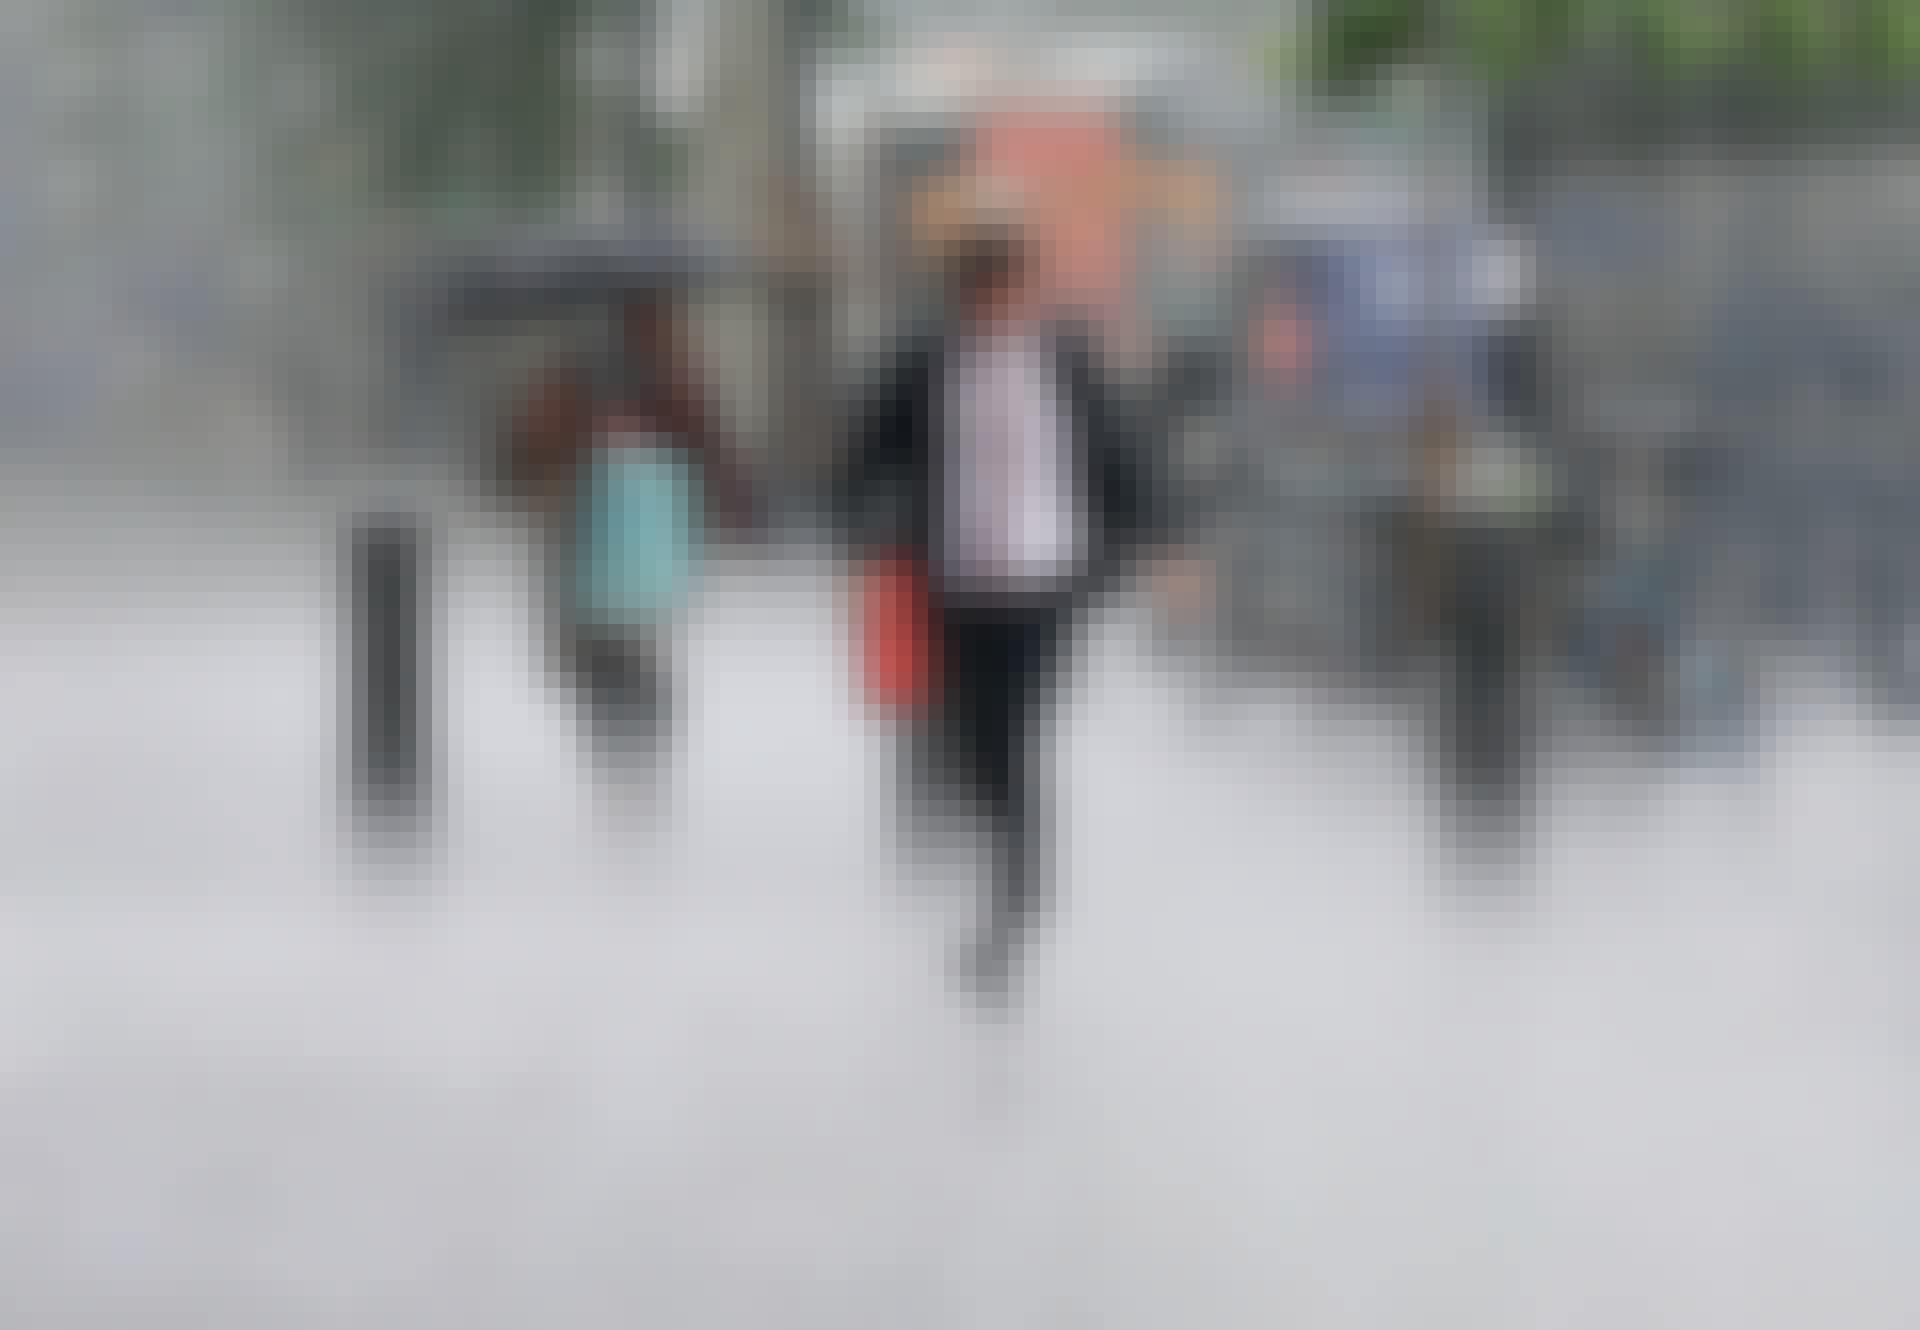 Jalankulkijoita sateessa